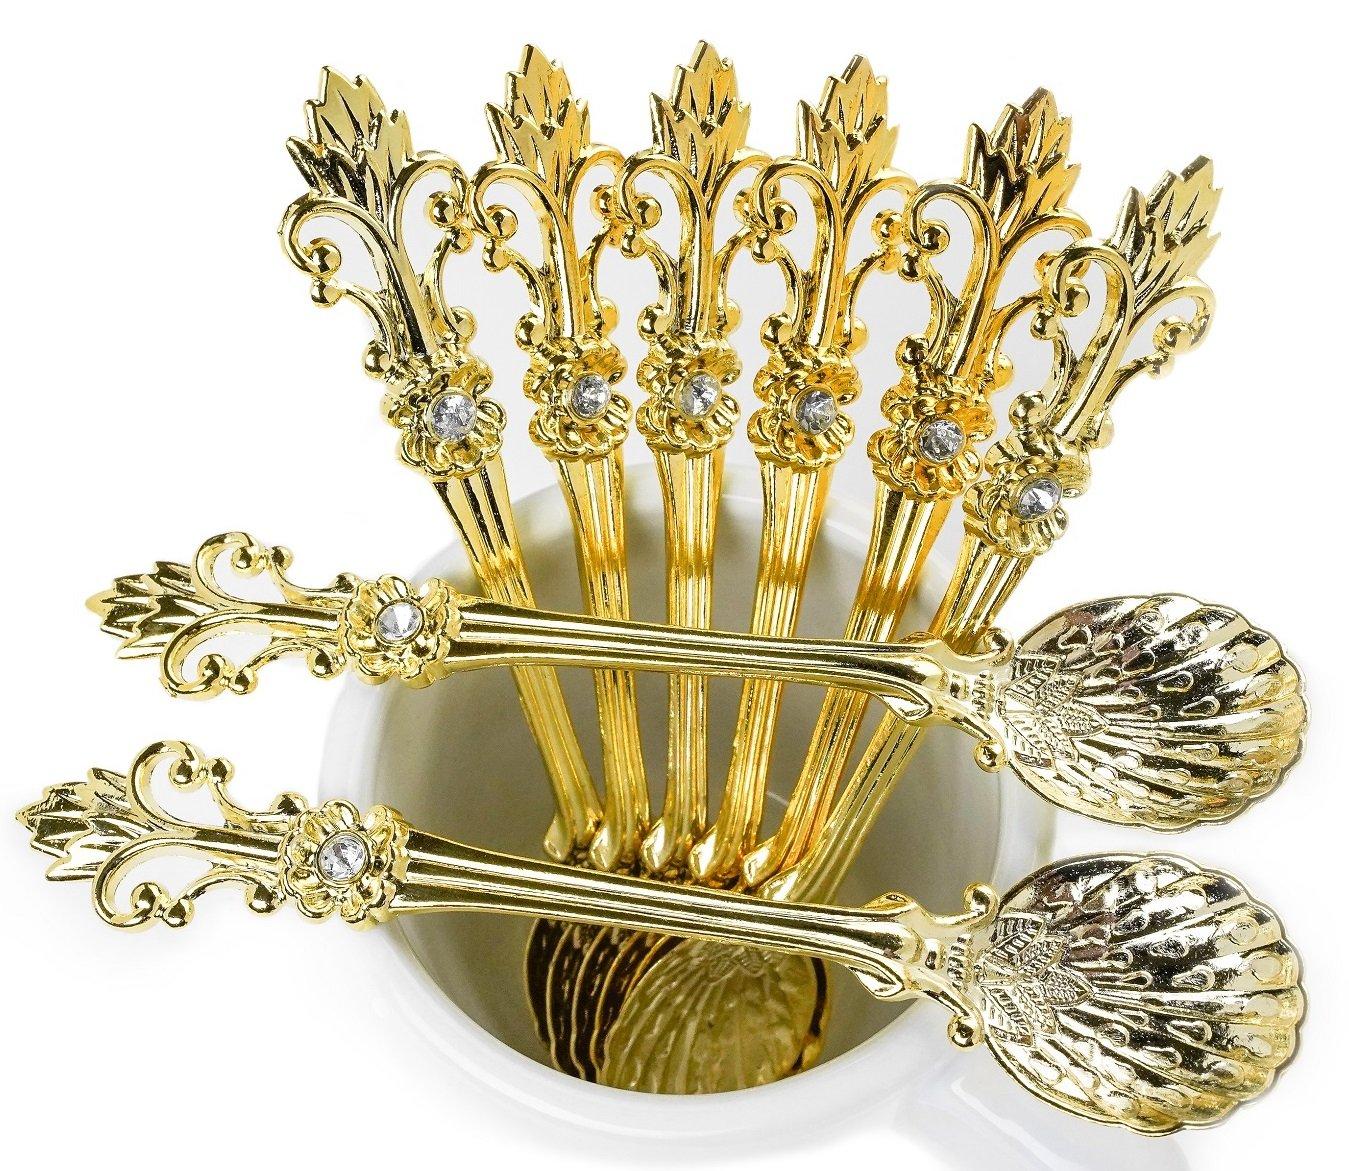 Mini Spoons Set of 8 by Movalyfe Kitchen - Coffee Espresso Demitasse Vintage Tea Spoon 4.5